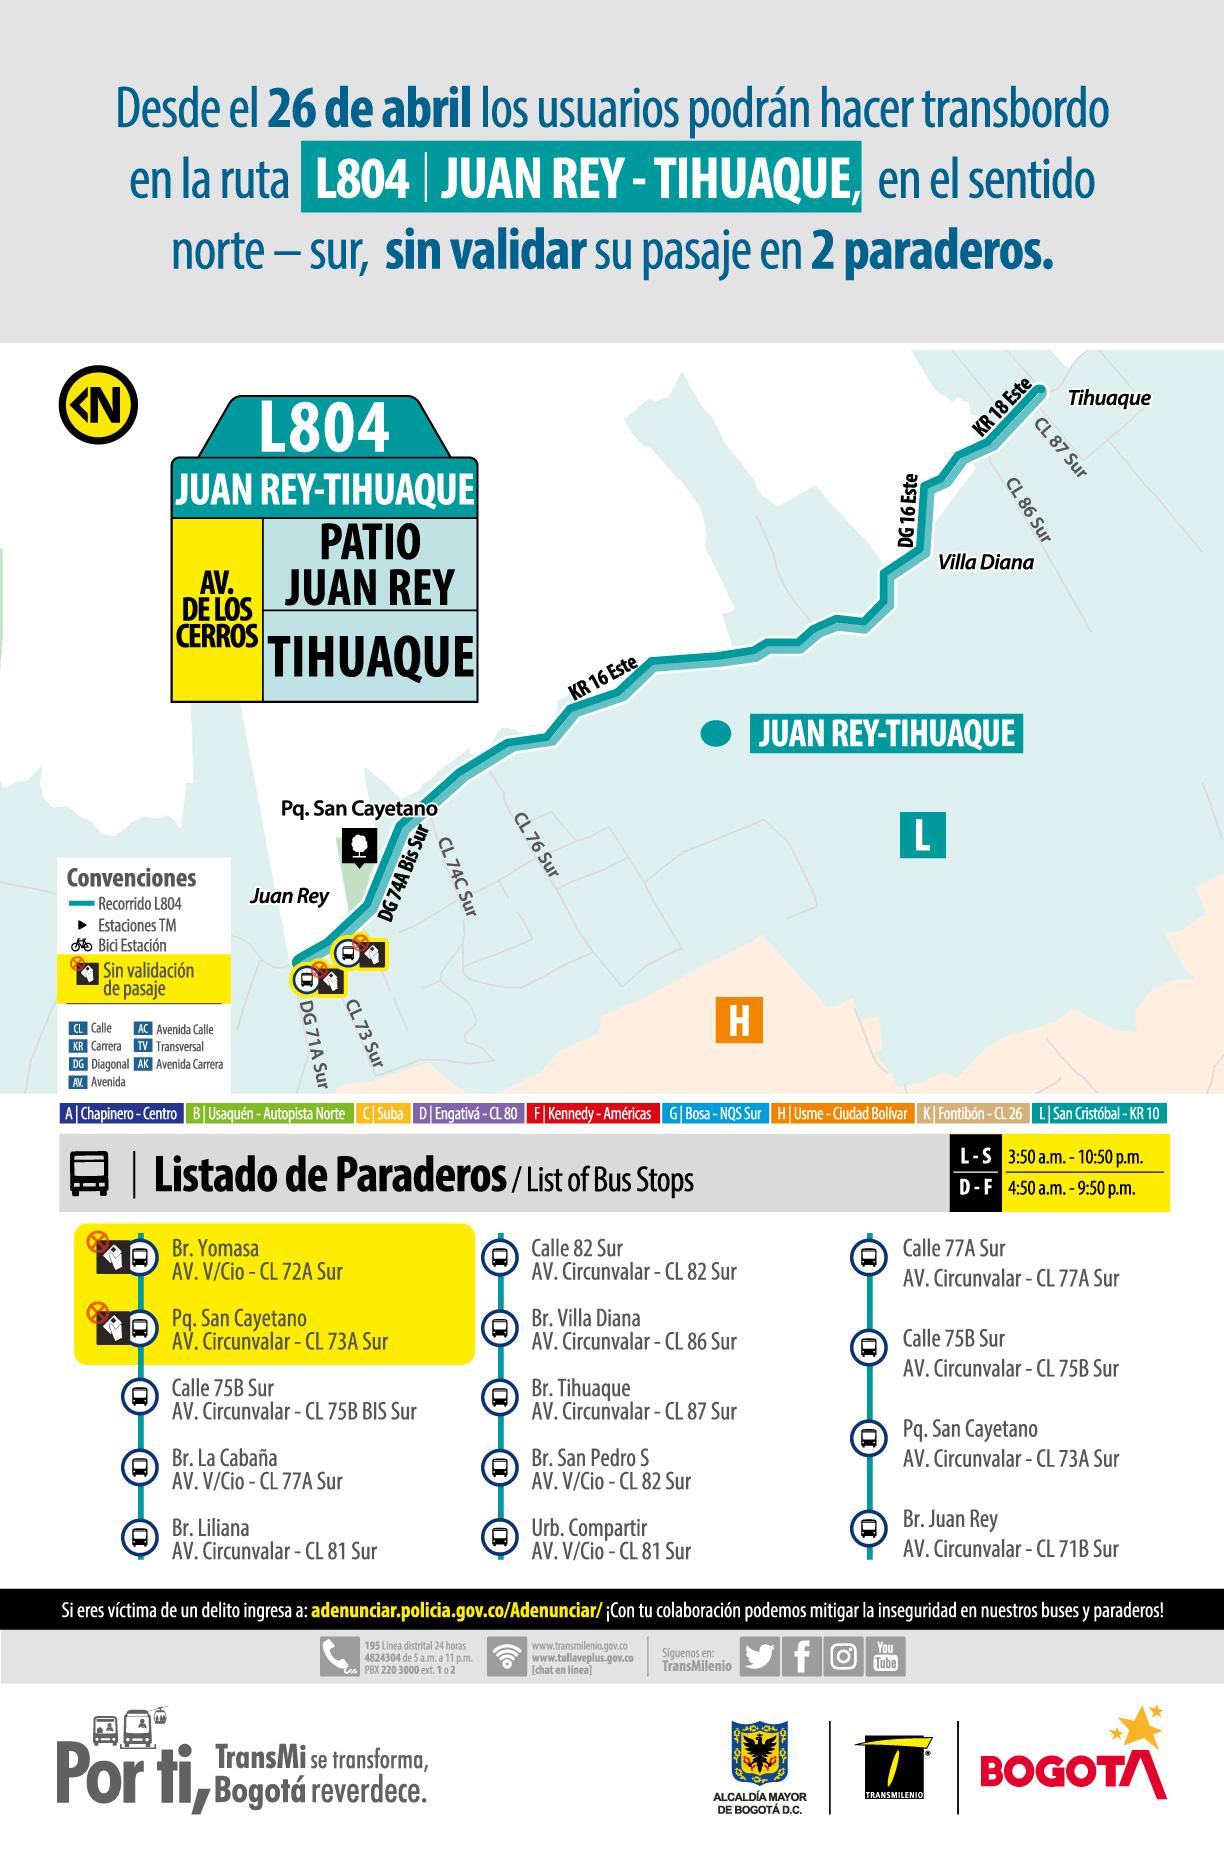 Usuarios podrán hacer transbordo en la ruta L804 Juan Rey - Tihuaque